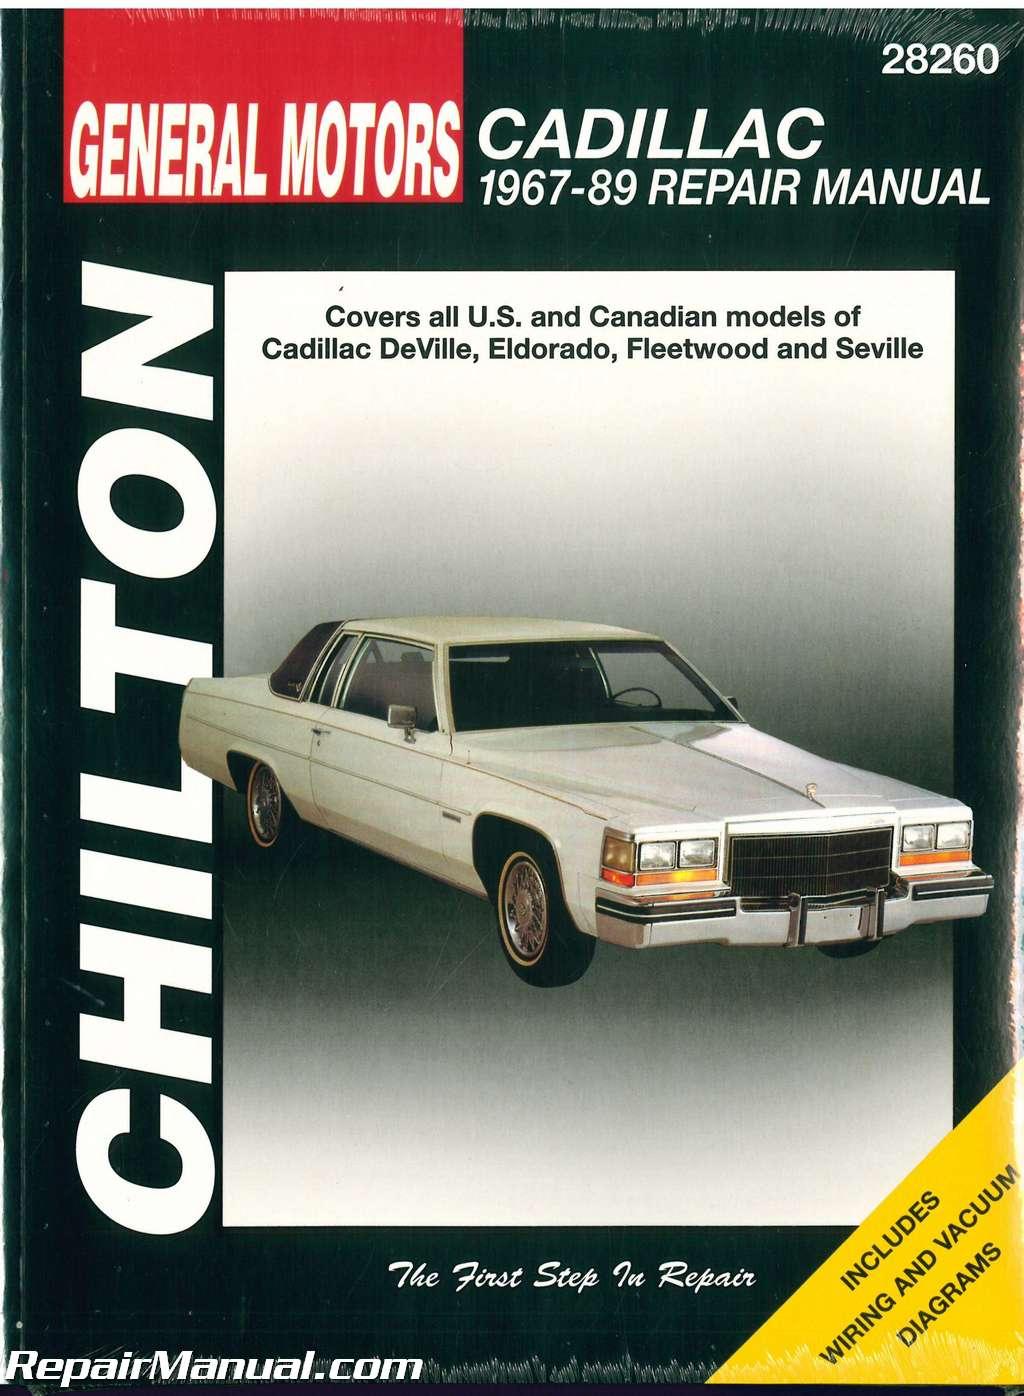 Cadillac Deville Eldorado Fleetwood Seville Repair Manual